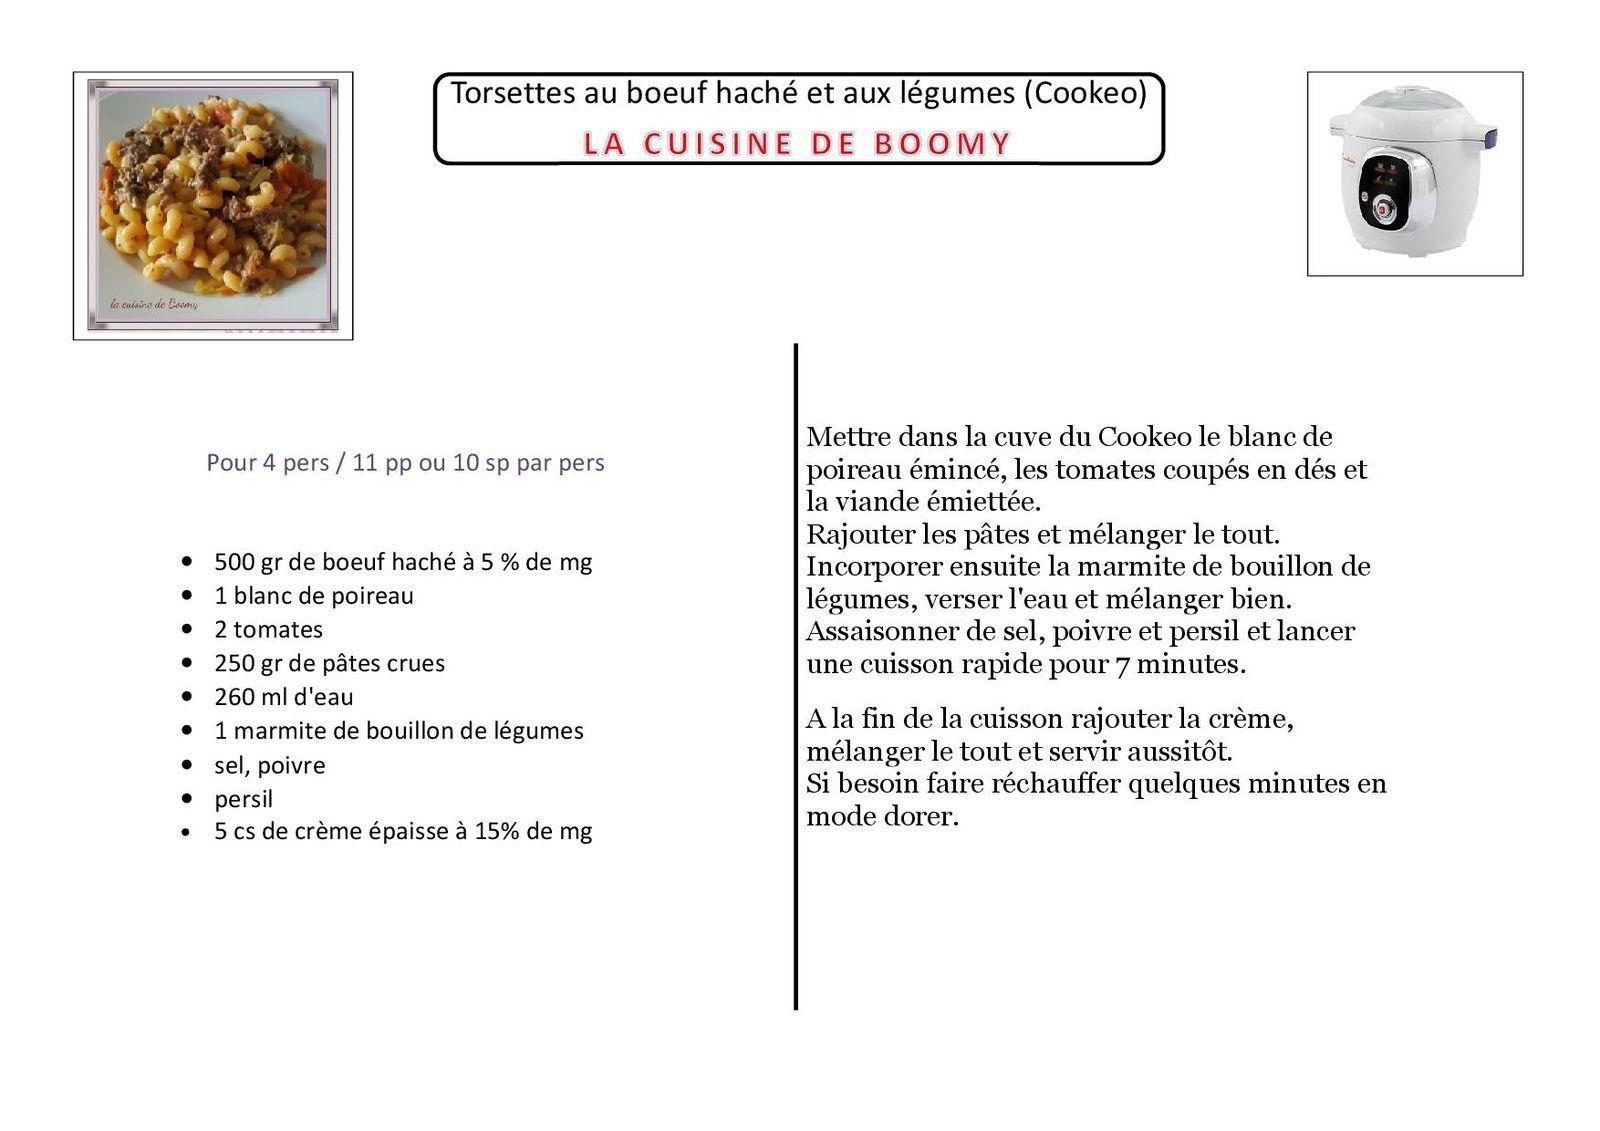 Torsettes au boeuf  haché et aux légumes  (Cookeo)